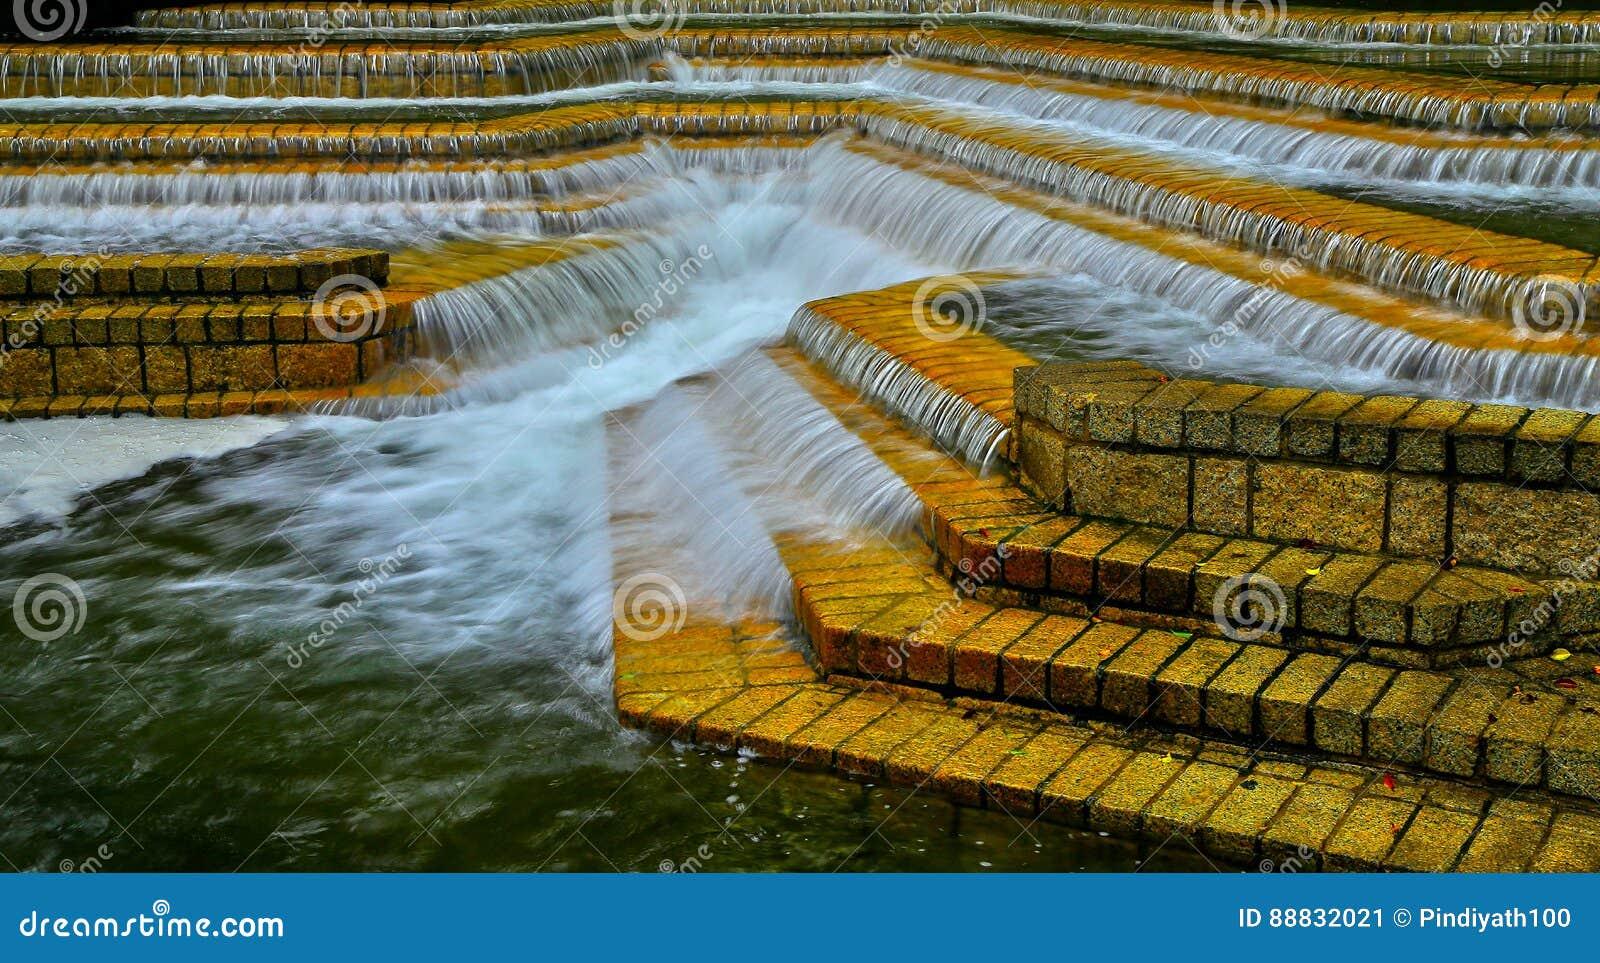 Hdrbeeld van watervallen op raws van steenstappen